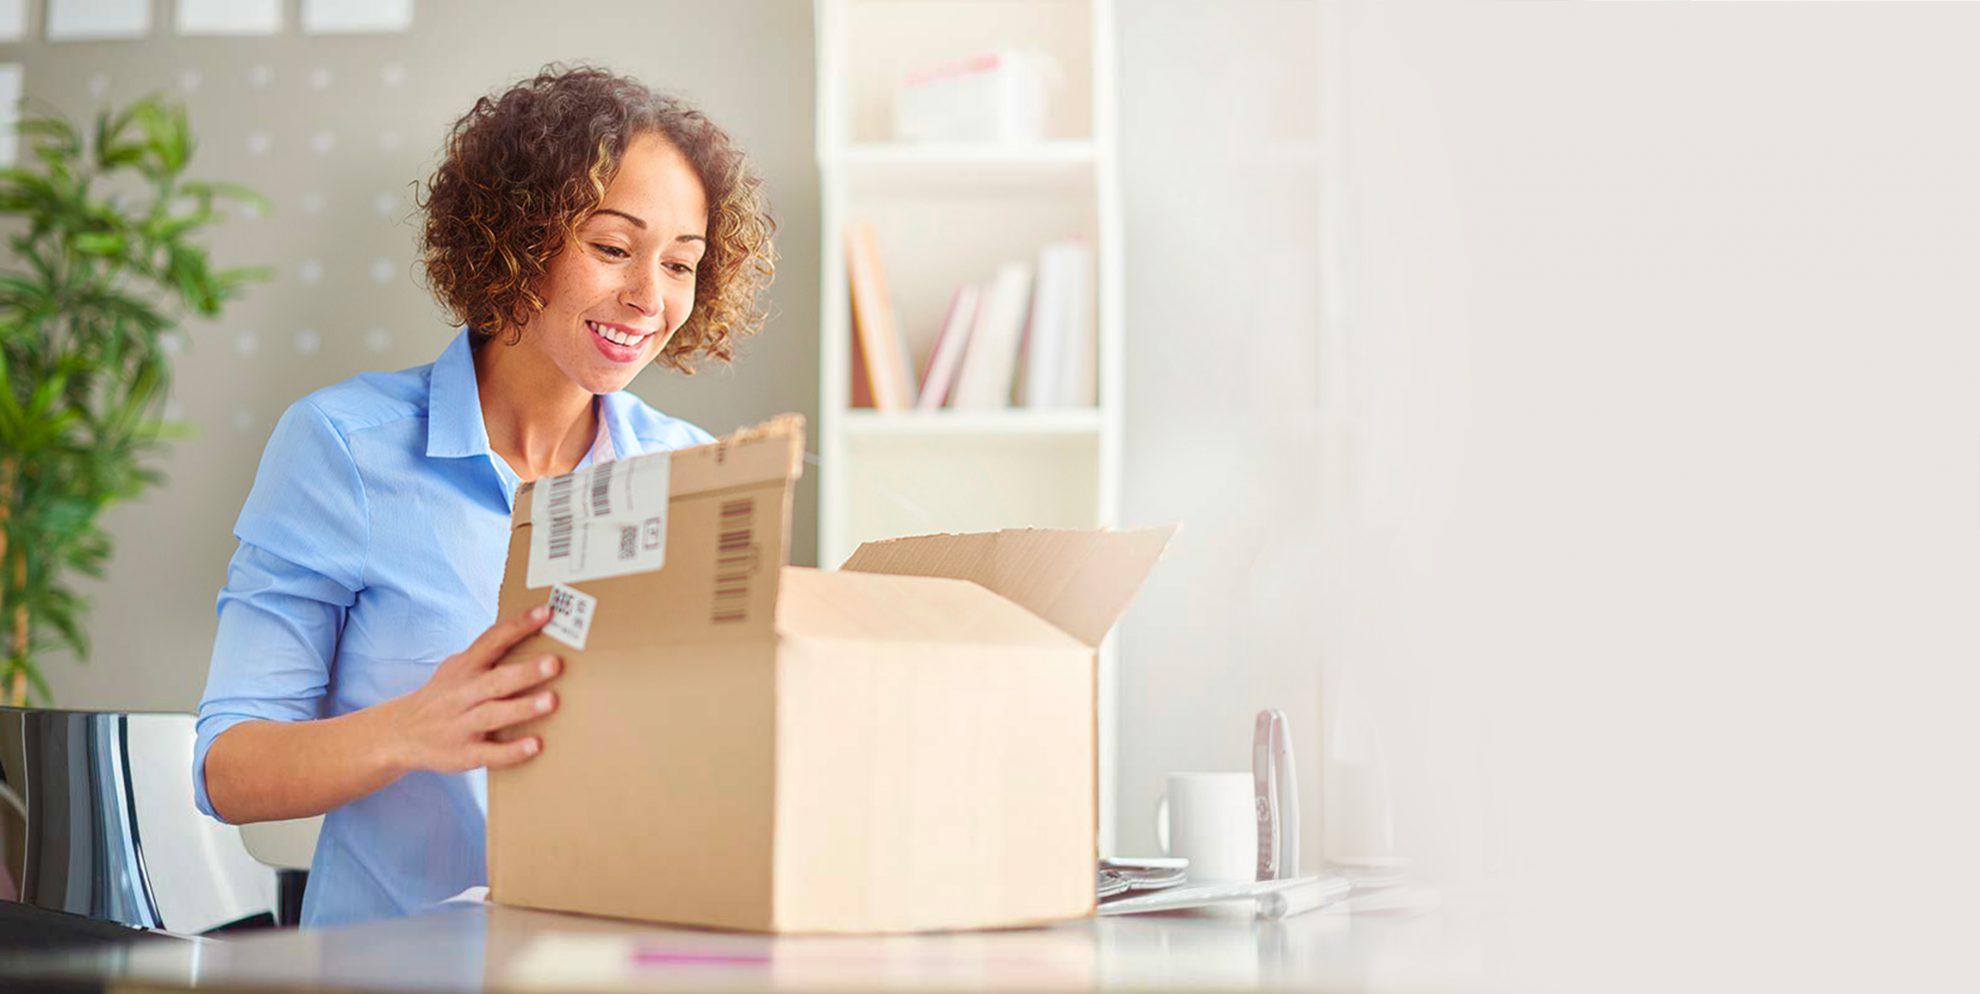 Coservice e-logistique pour e-commerce - pitexte diffuse vos valeurs